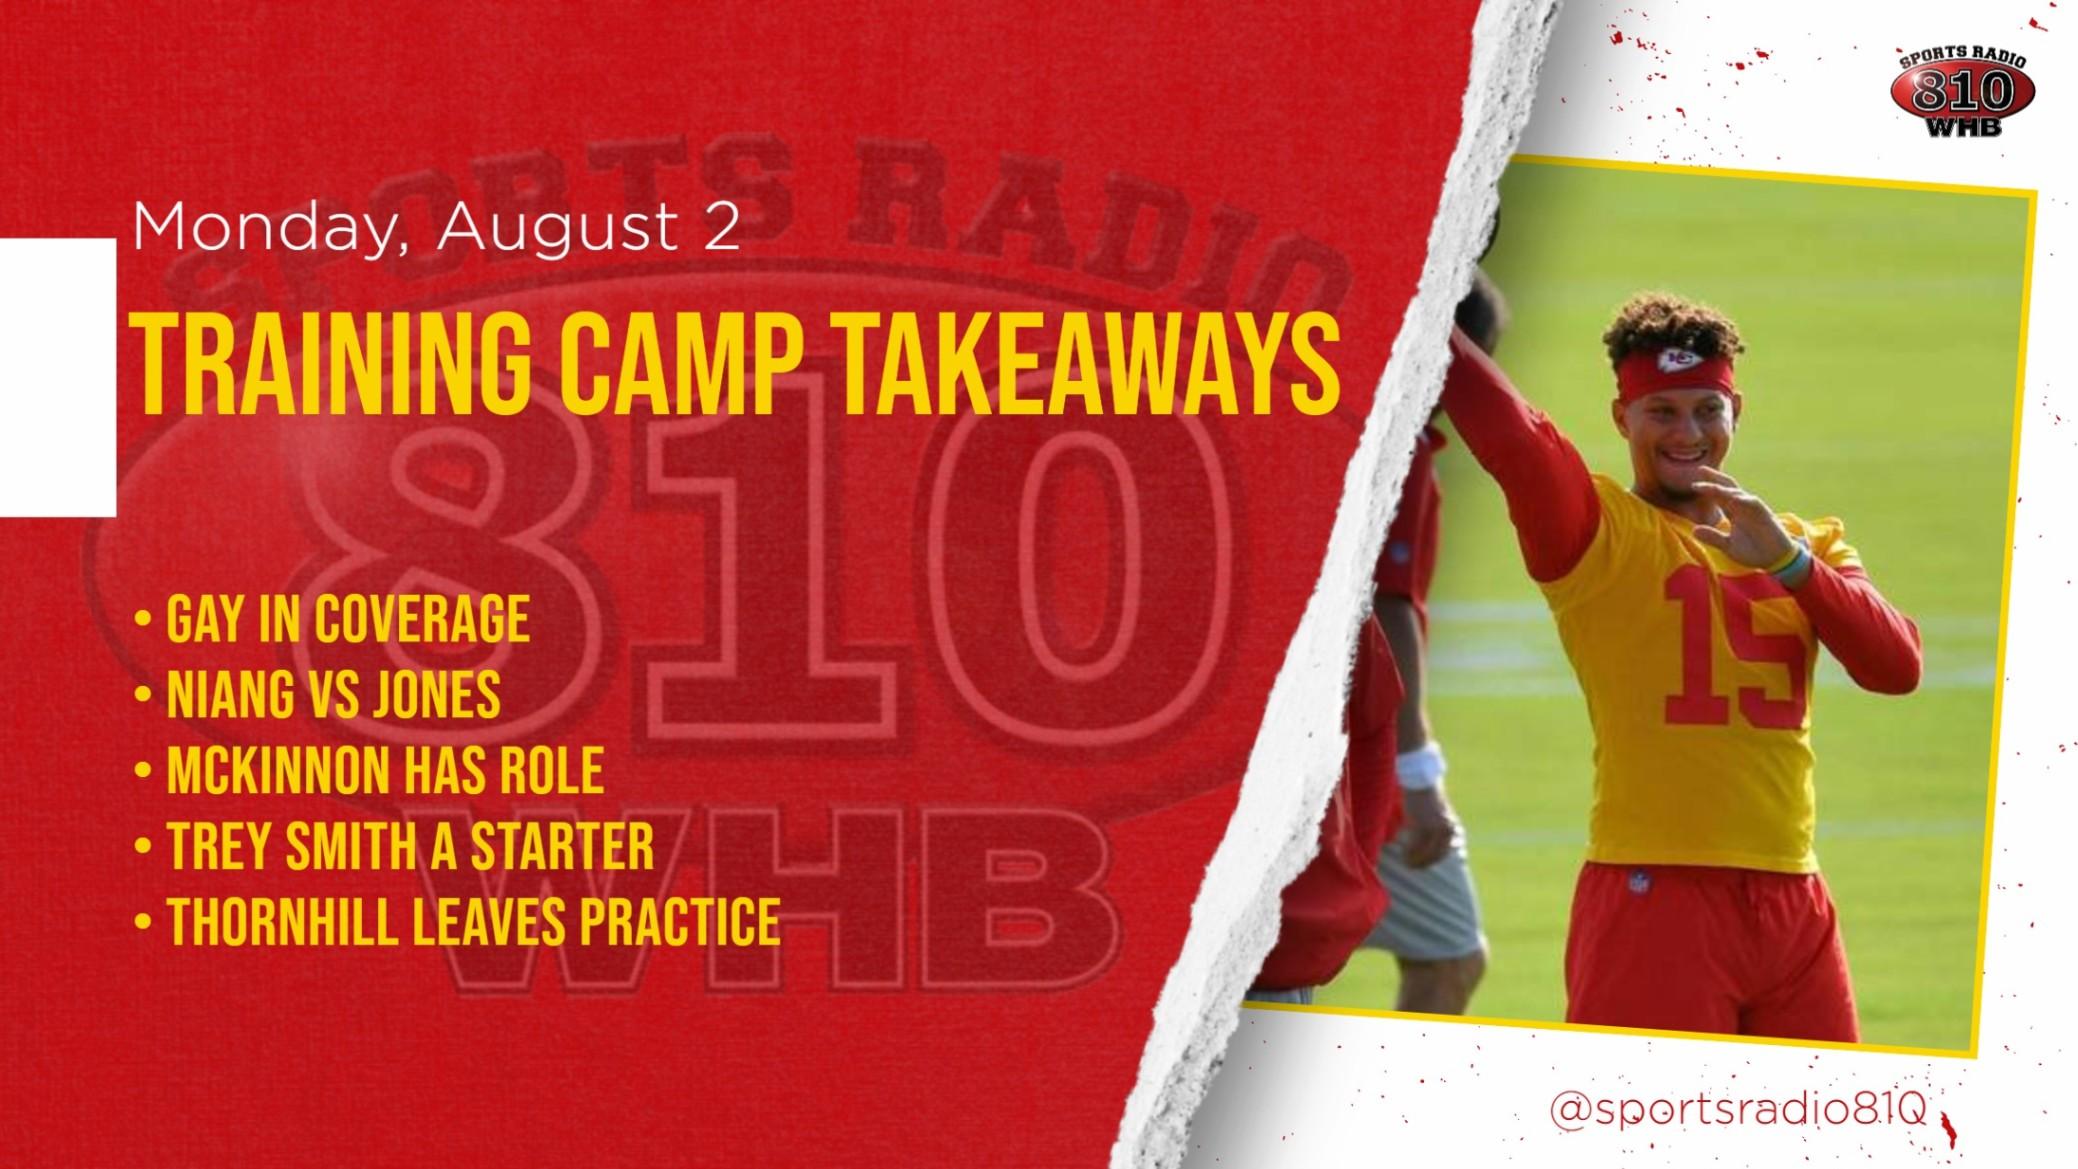 Training Camp Takeaways